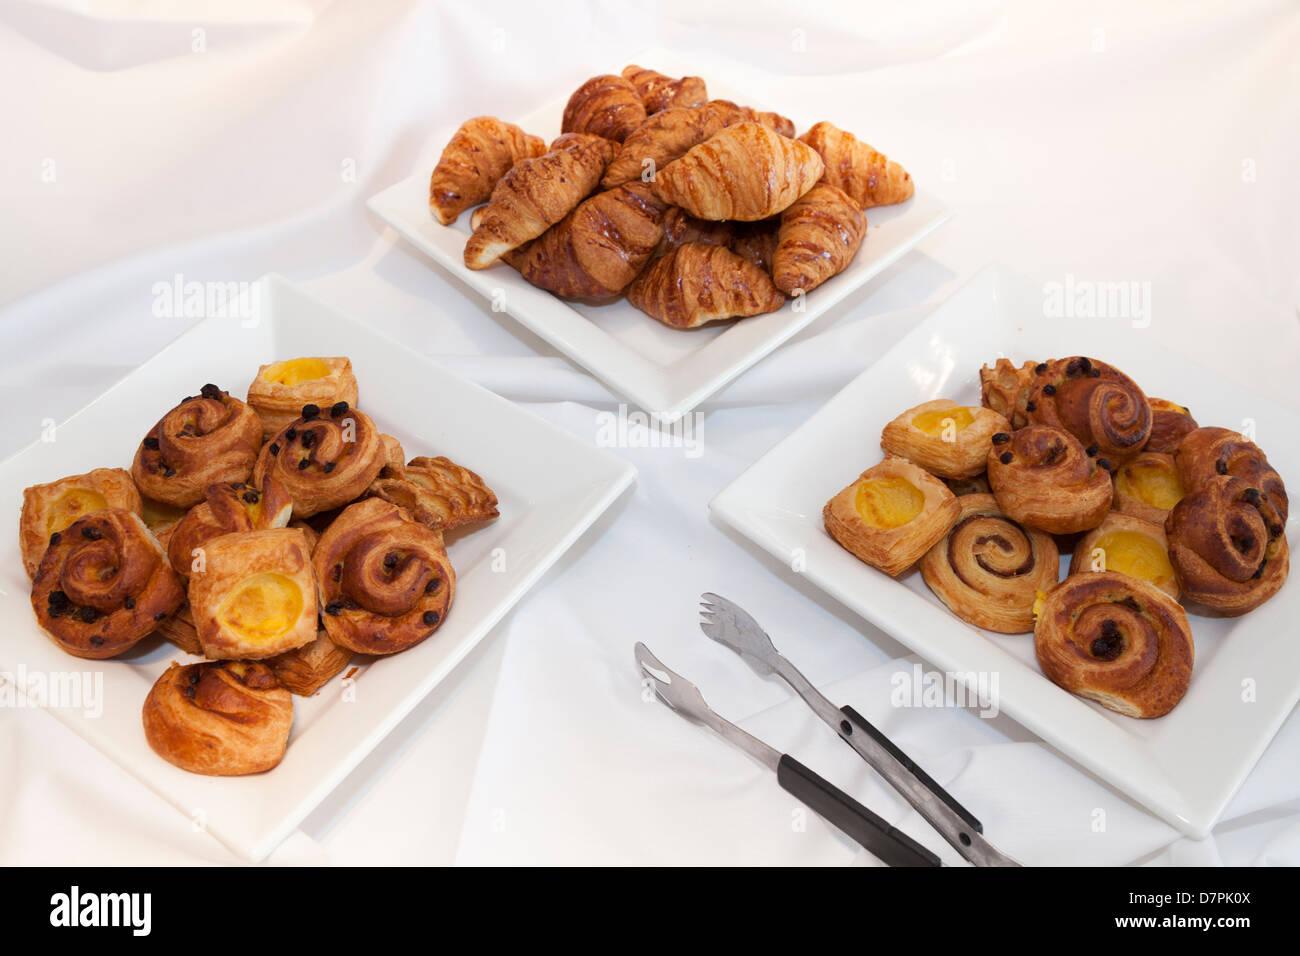 Los cruasanes y pastas danesas sobre una mesa con el desayuno del hotel sirviendo a horquilla Imagen De Stock